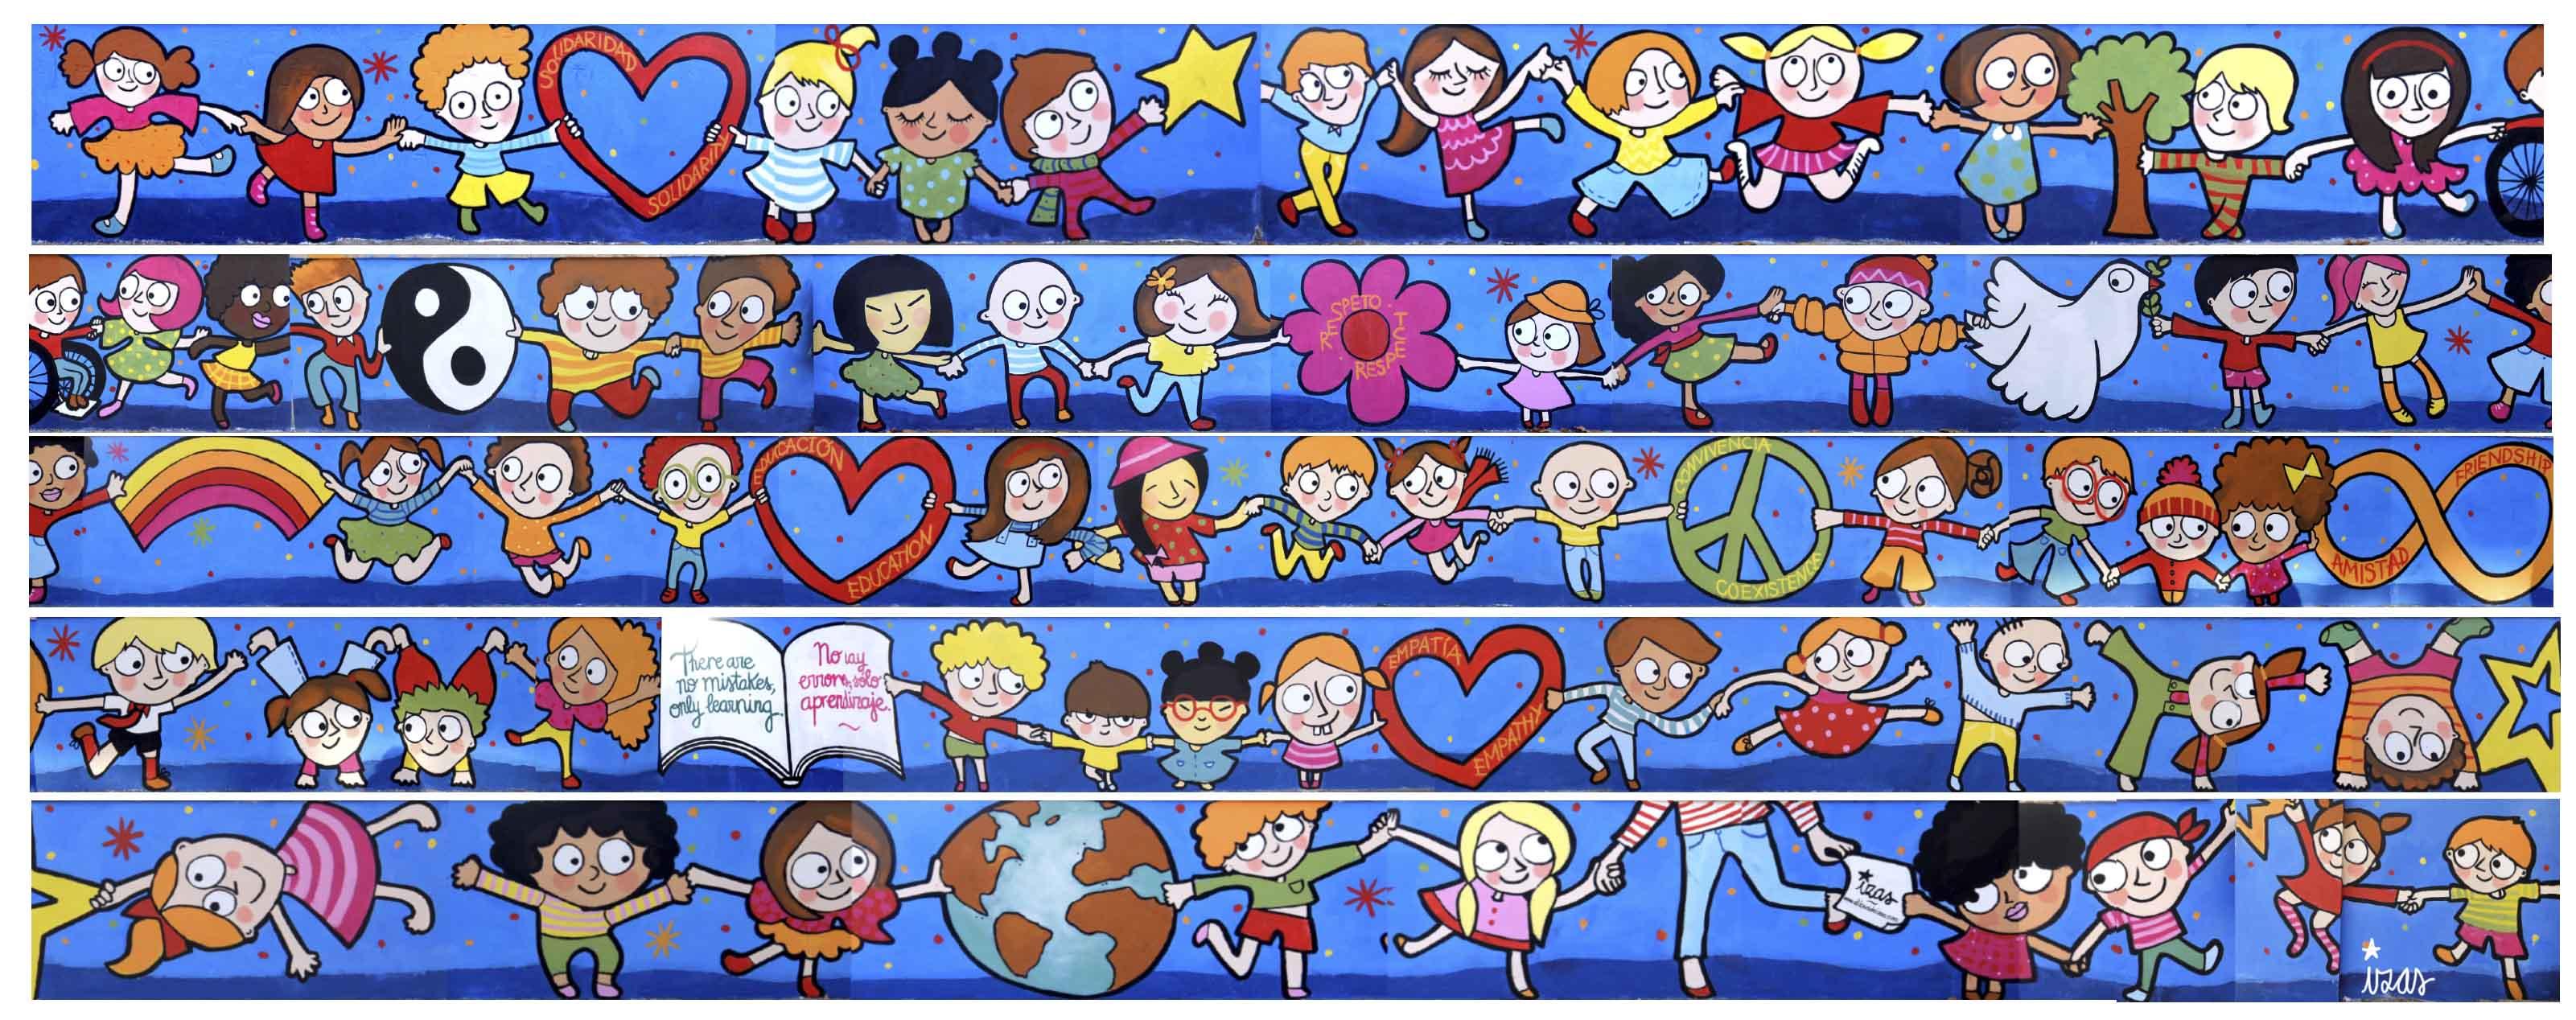 mural izas príncipe de asturias 6